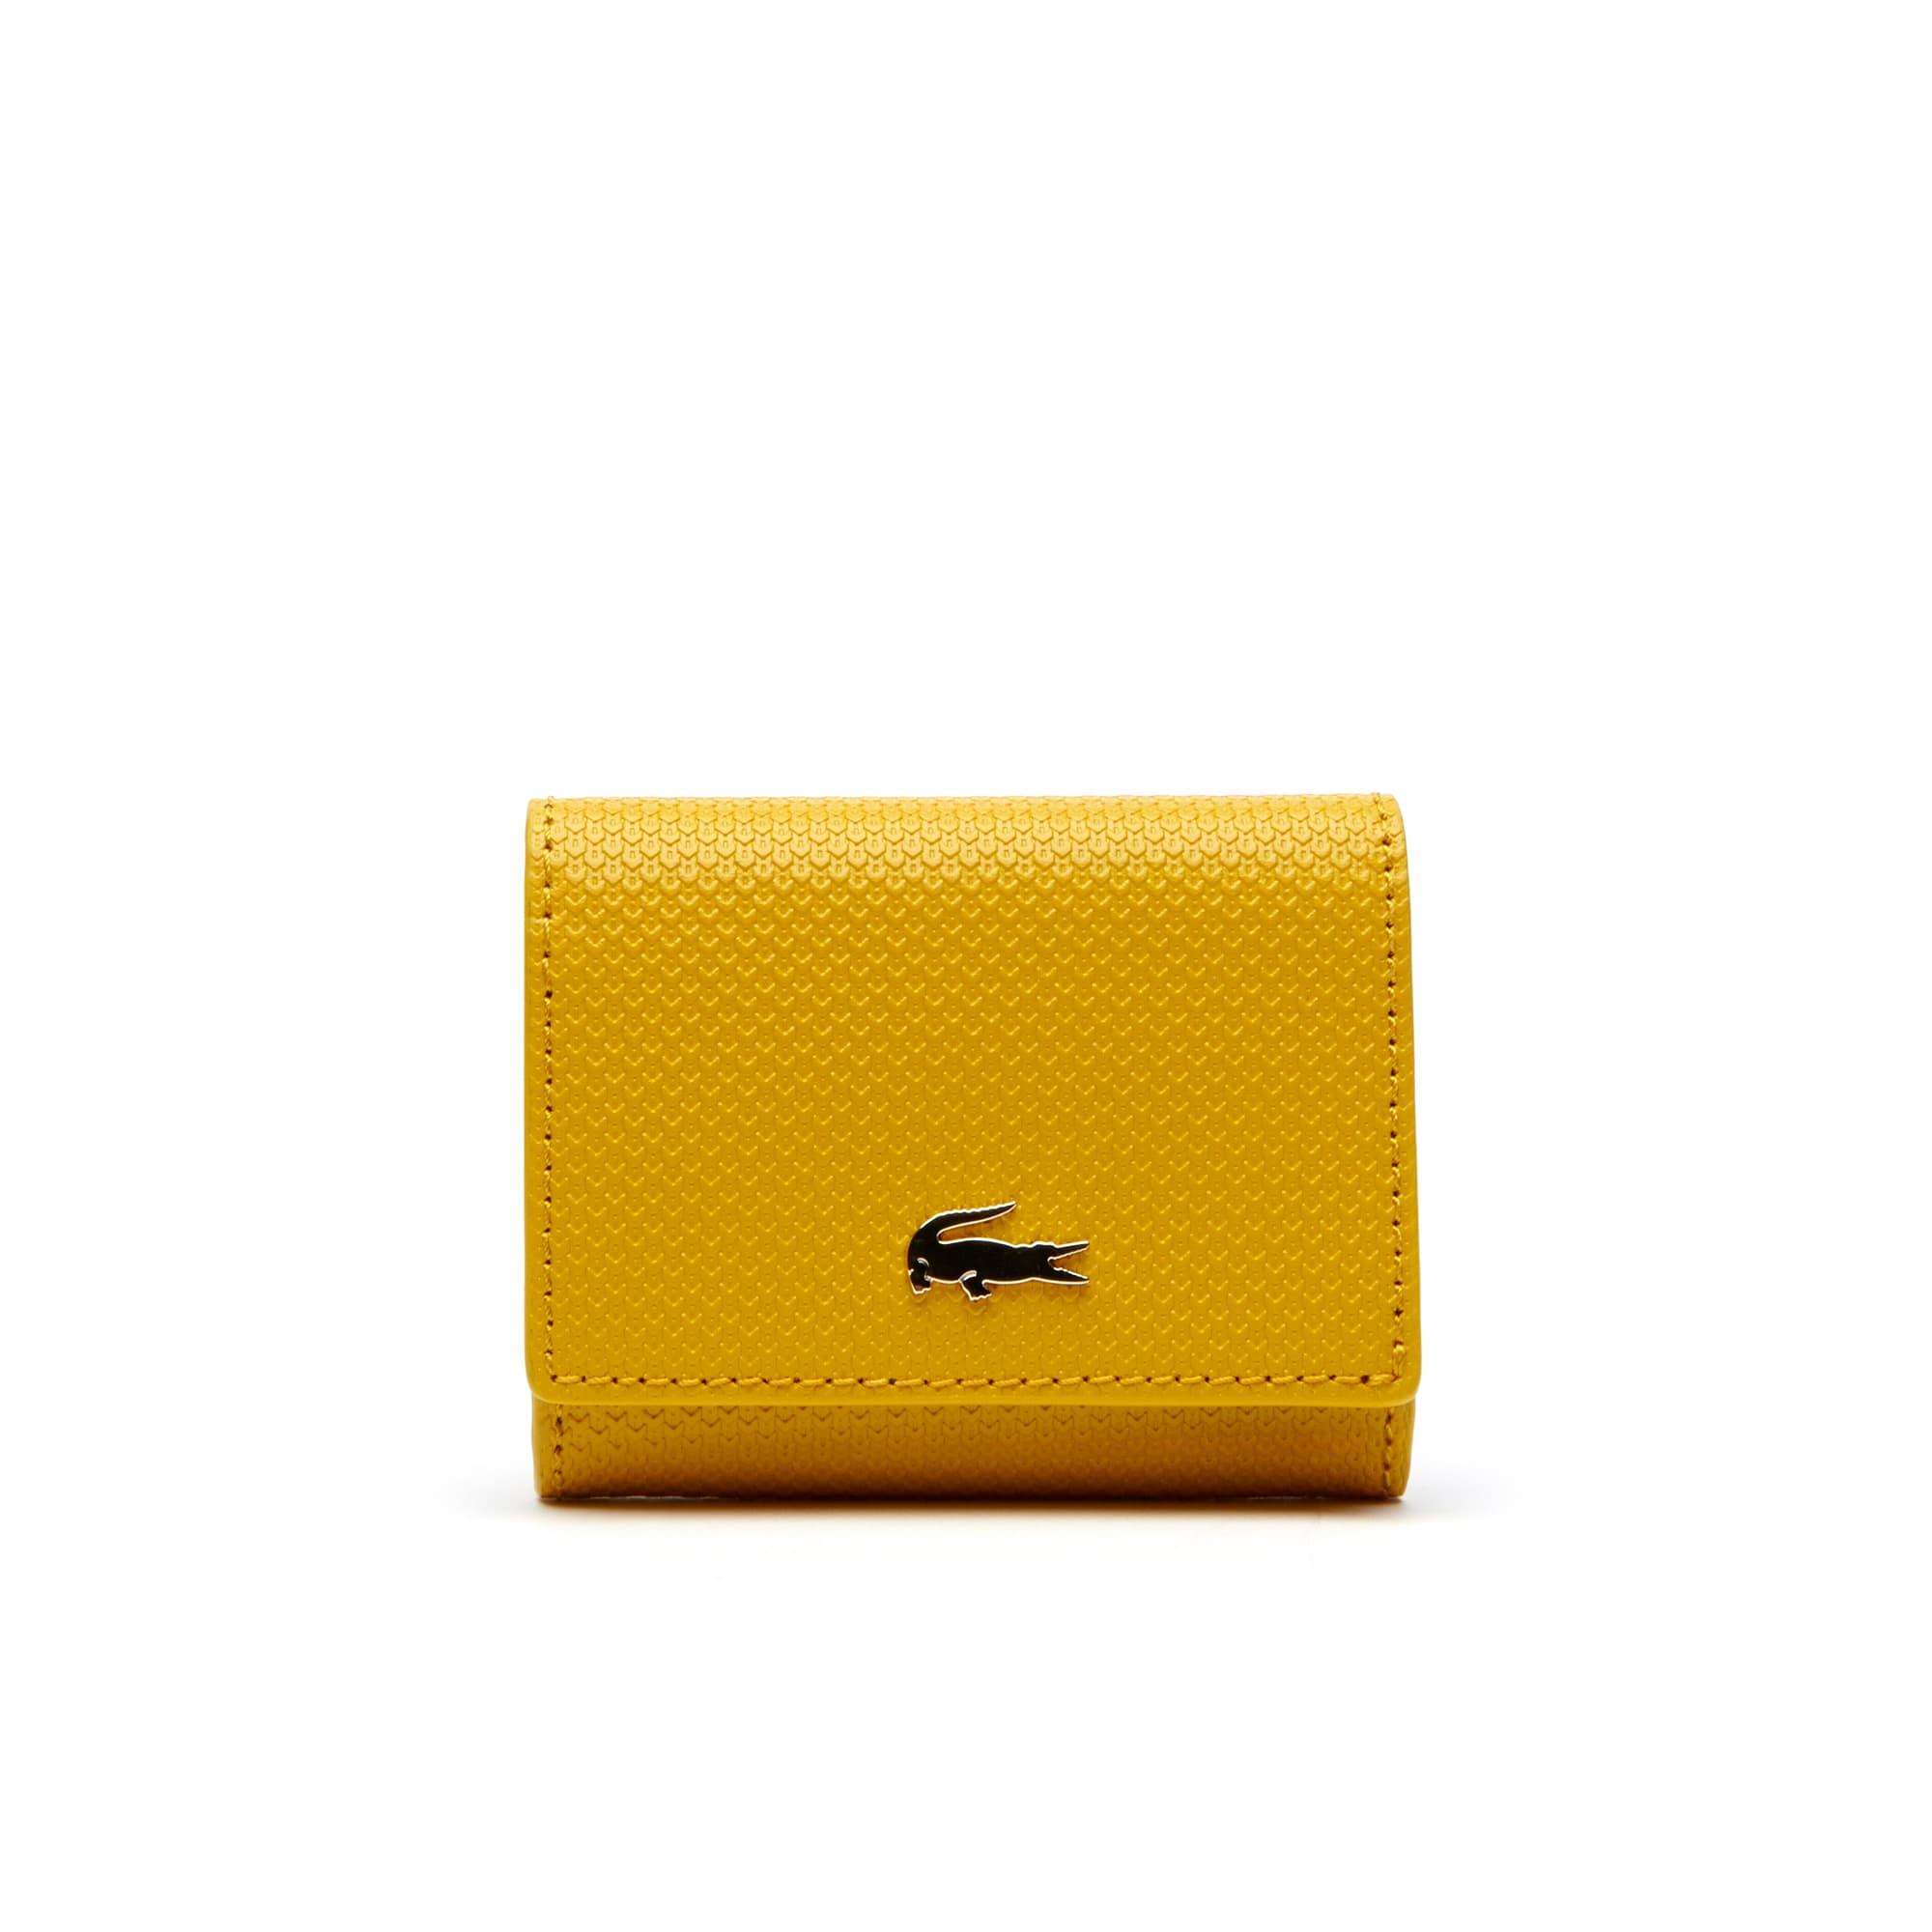 라코스테 Lacoste Womens Chantaco Bicolor Pique Leather 3 Card Wallet,mineral yellow